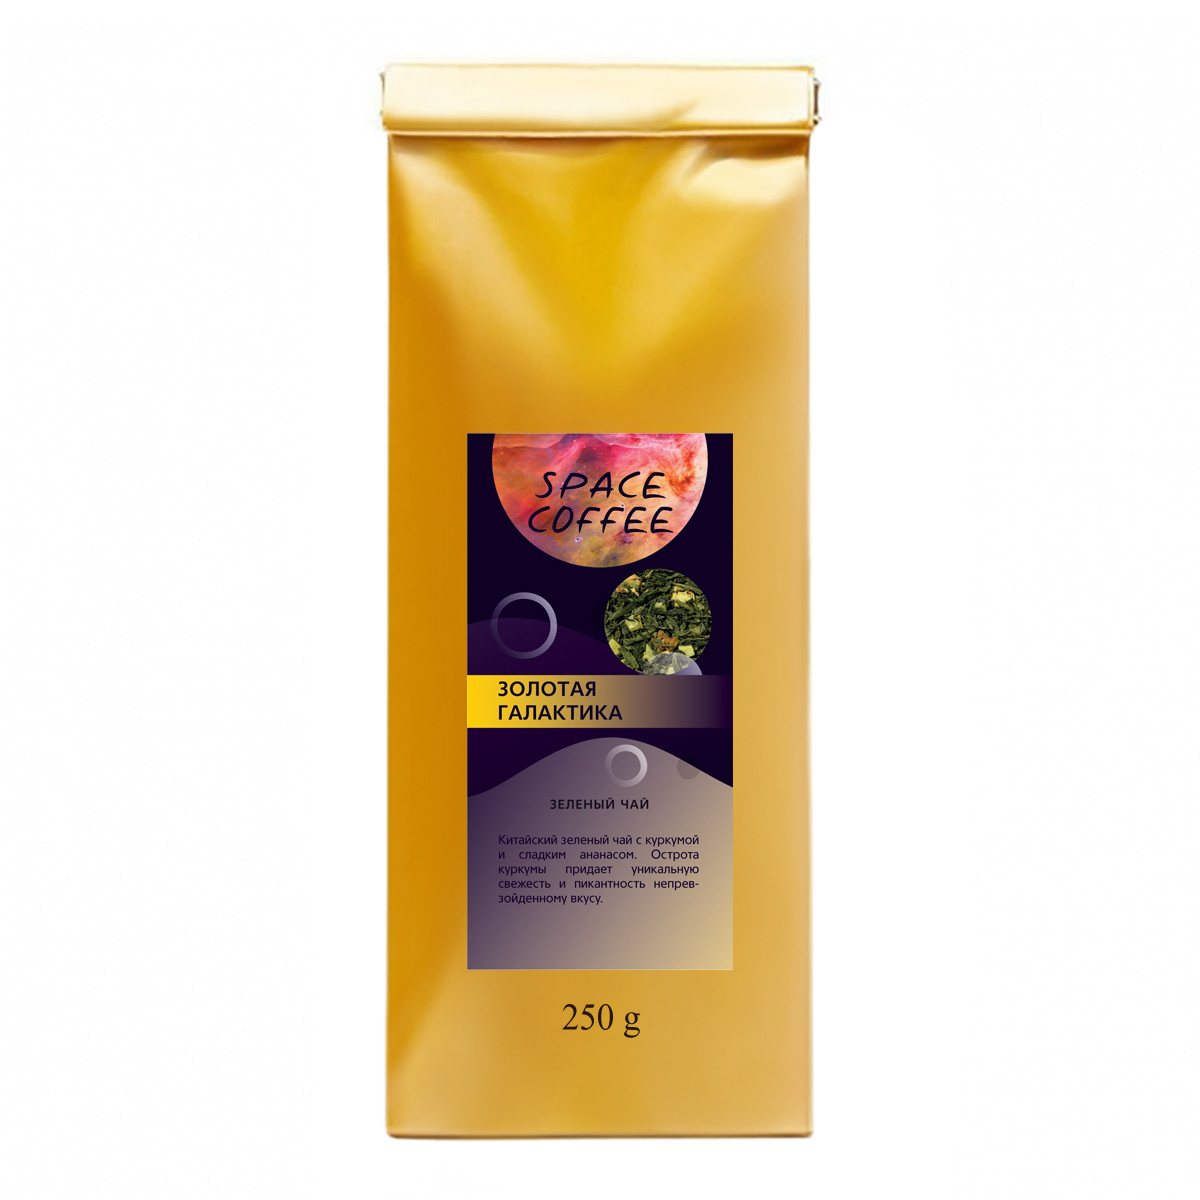 Зелений чай з ананасом і куркумою Золота Галактика Space Coffee 250 грам